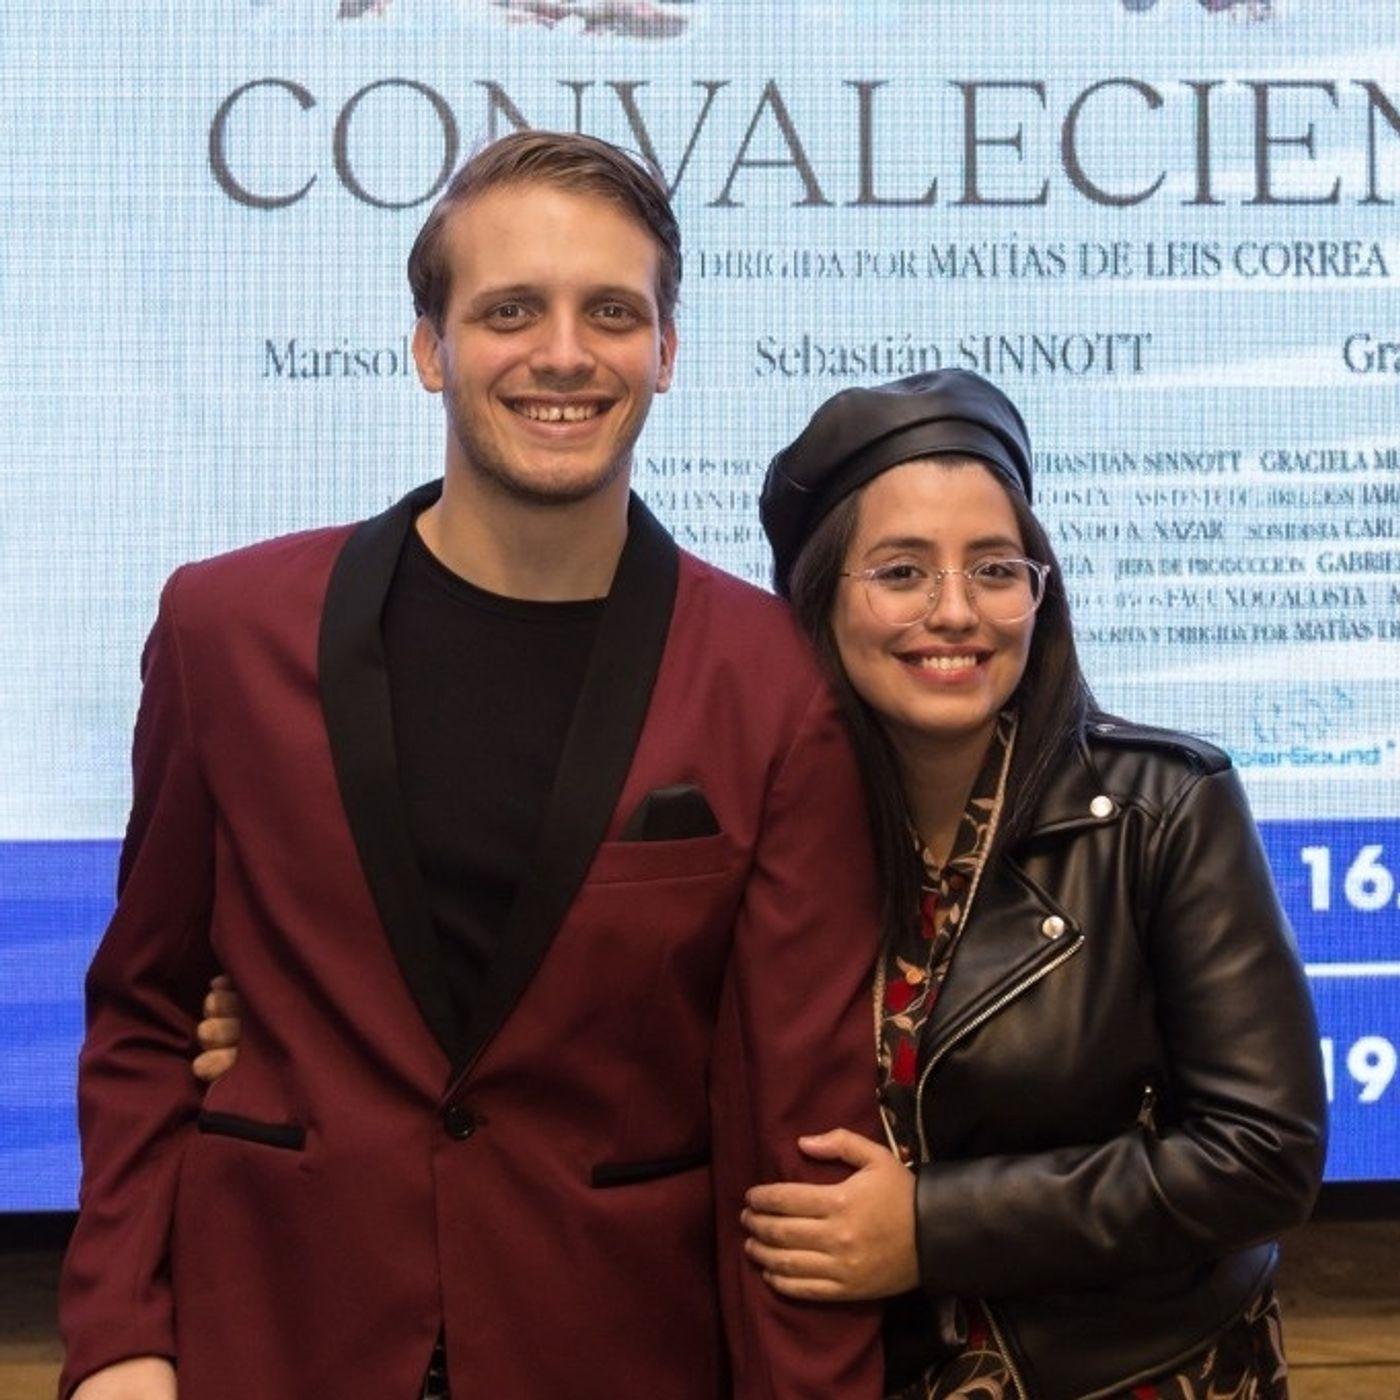 Los especiales de GPS Audiovisual - Productores Audiovisuales T2 - E18 Evelyn Flores y Matías De Leis Correa (De Atar Contenidos)